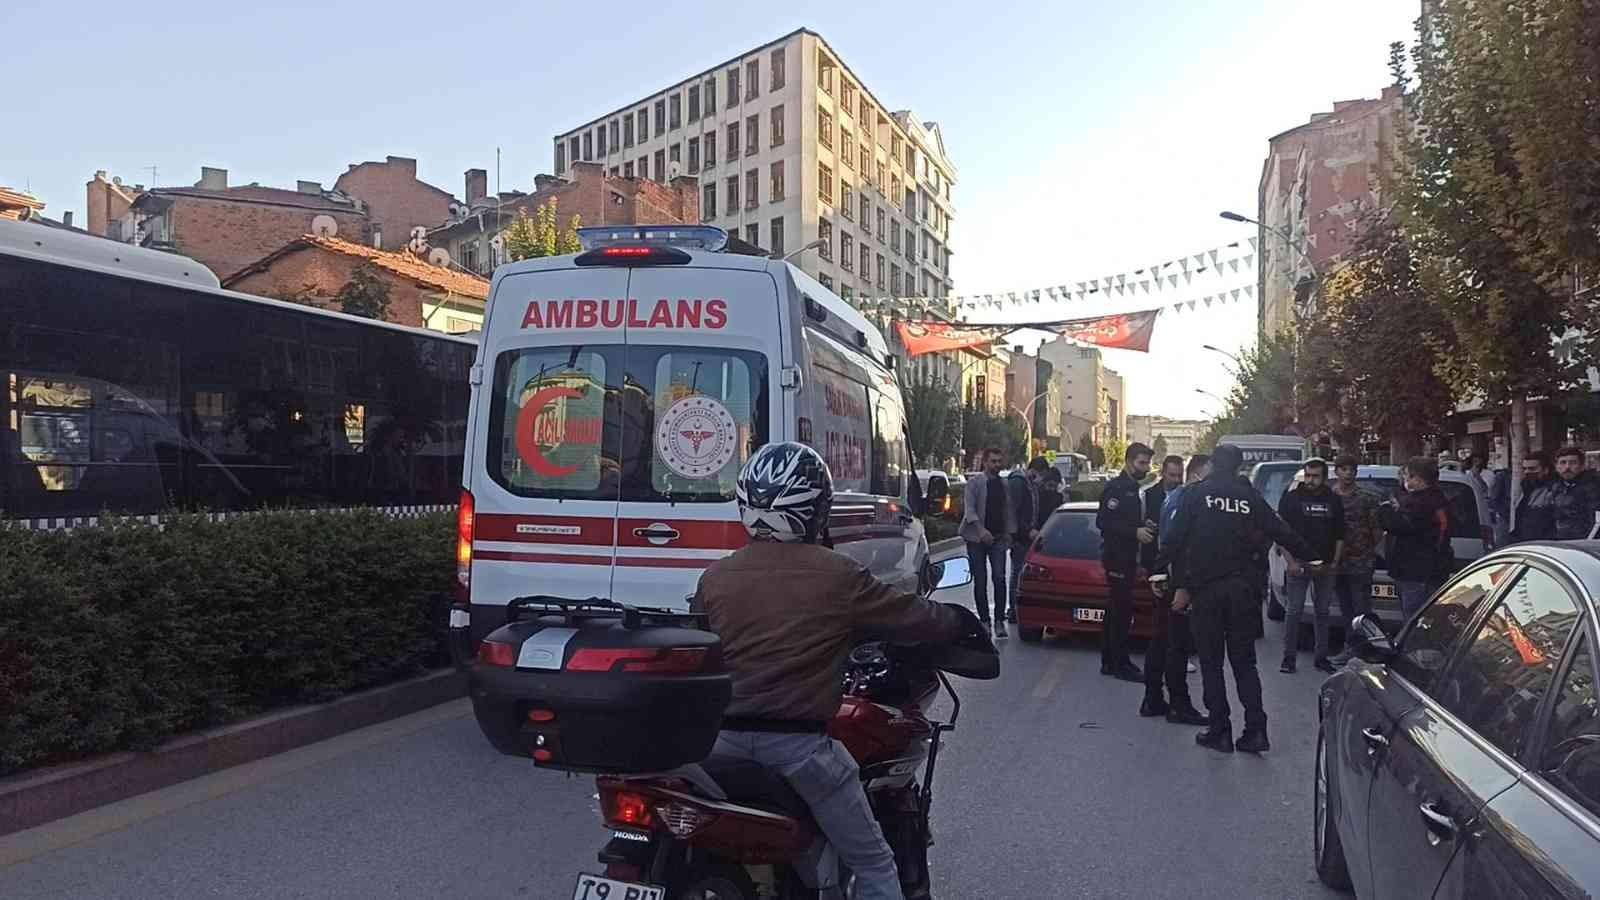 Çorum'da silahlı kavga: 1 yaralı #corum